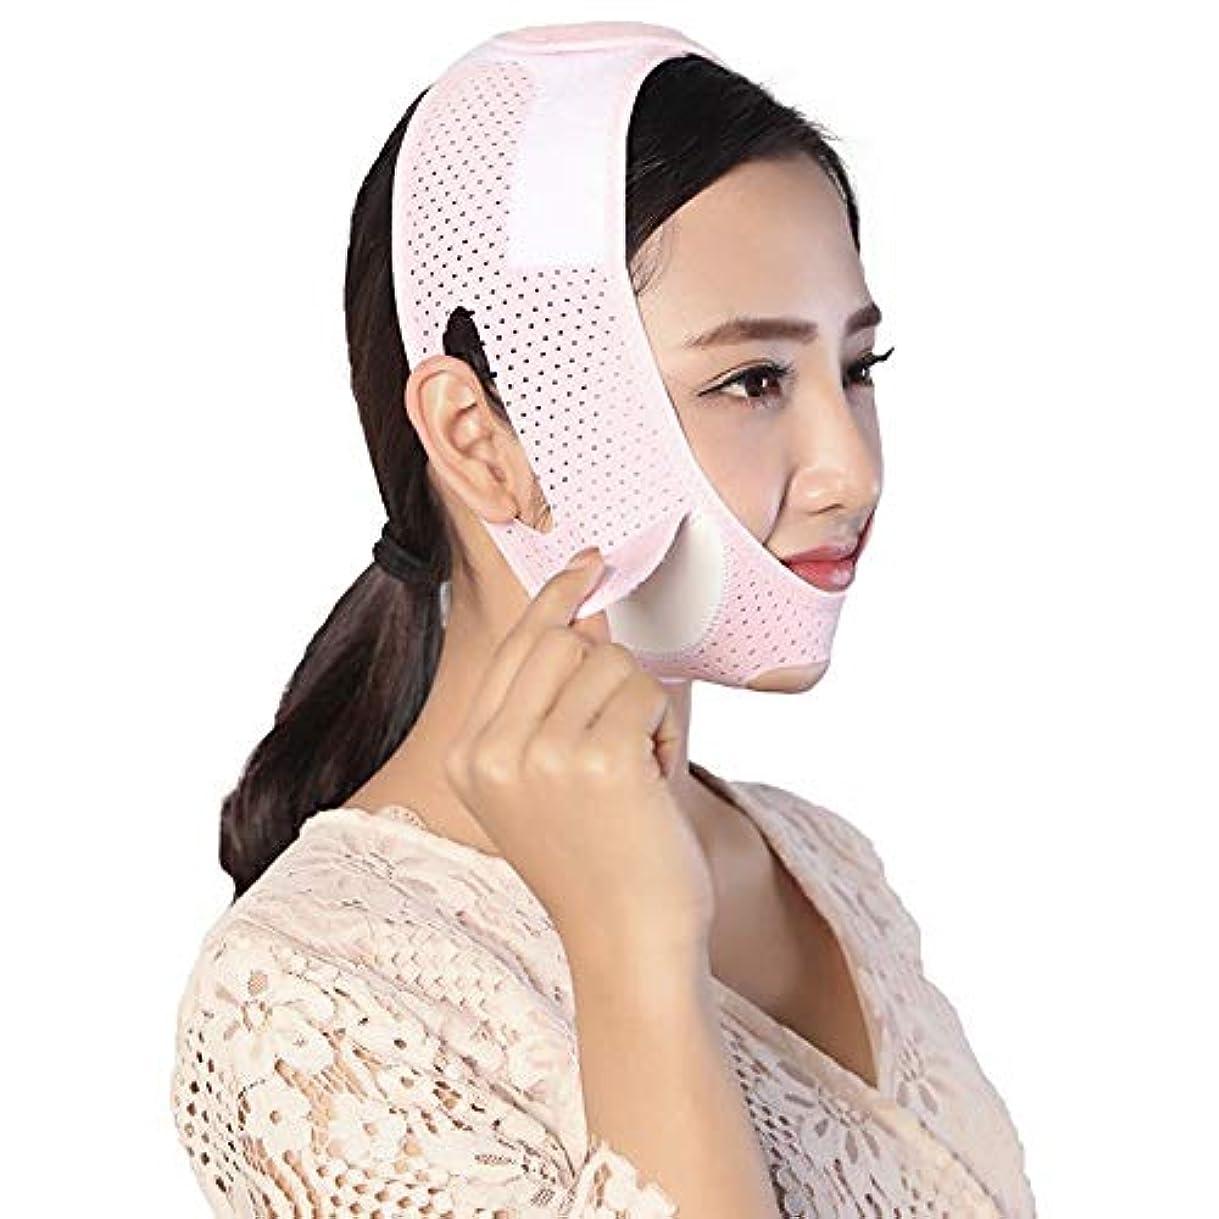 スタイルソブリケット召喚するXINGZHE フェイシャルリフティング痩身ベルト - 圧縮二重あご減量ベルトスキンケア薄い顔包帯 フェイスリフティングベルト